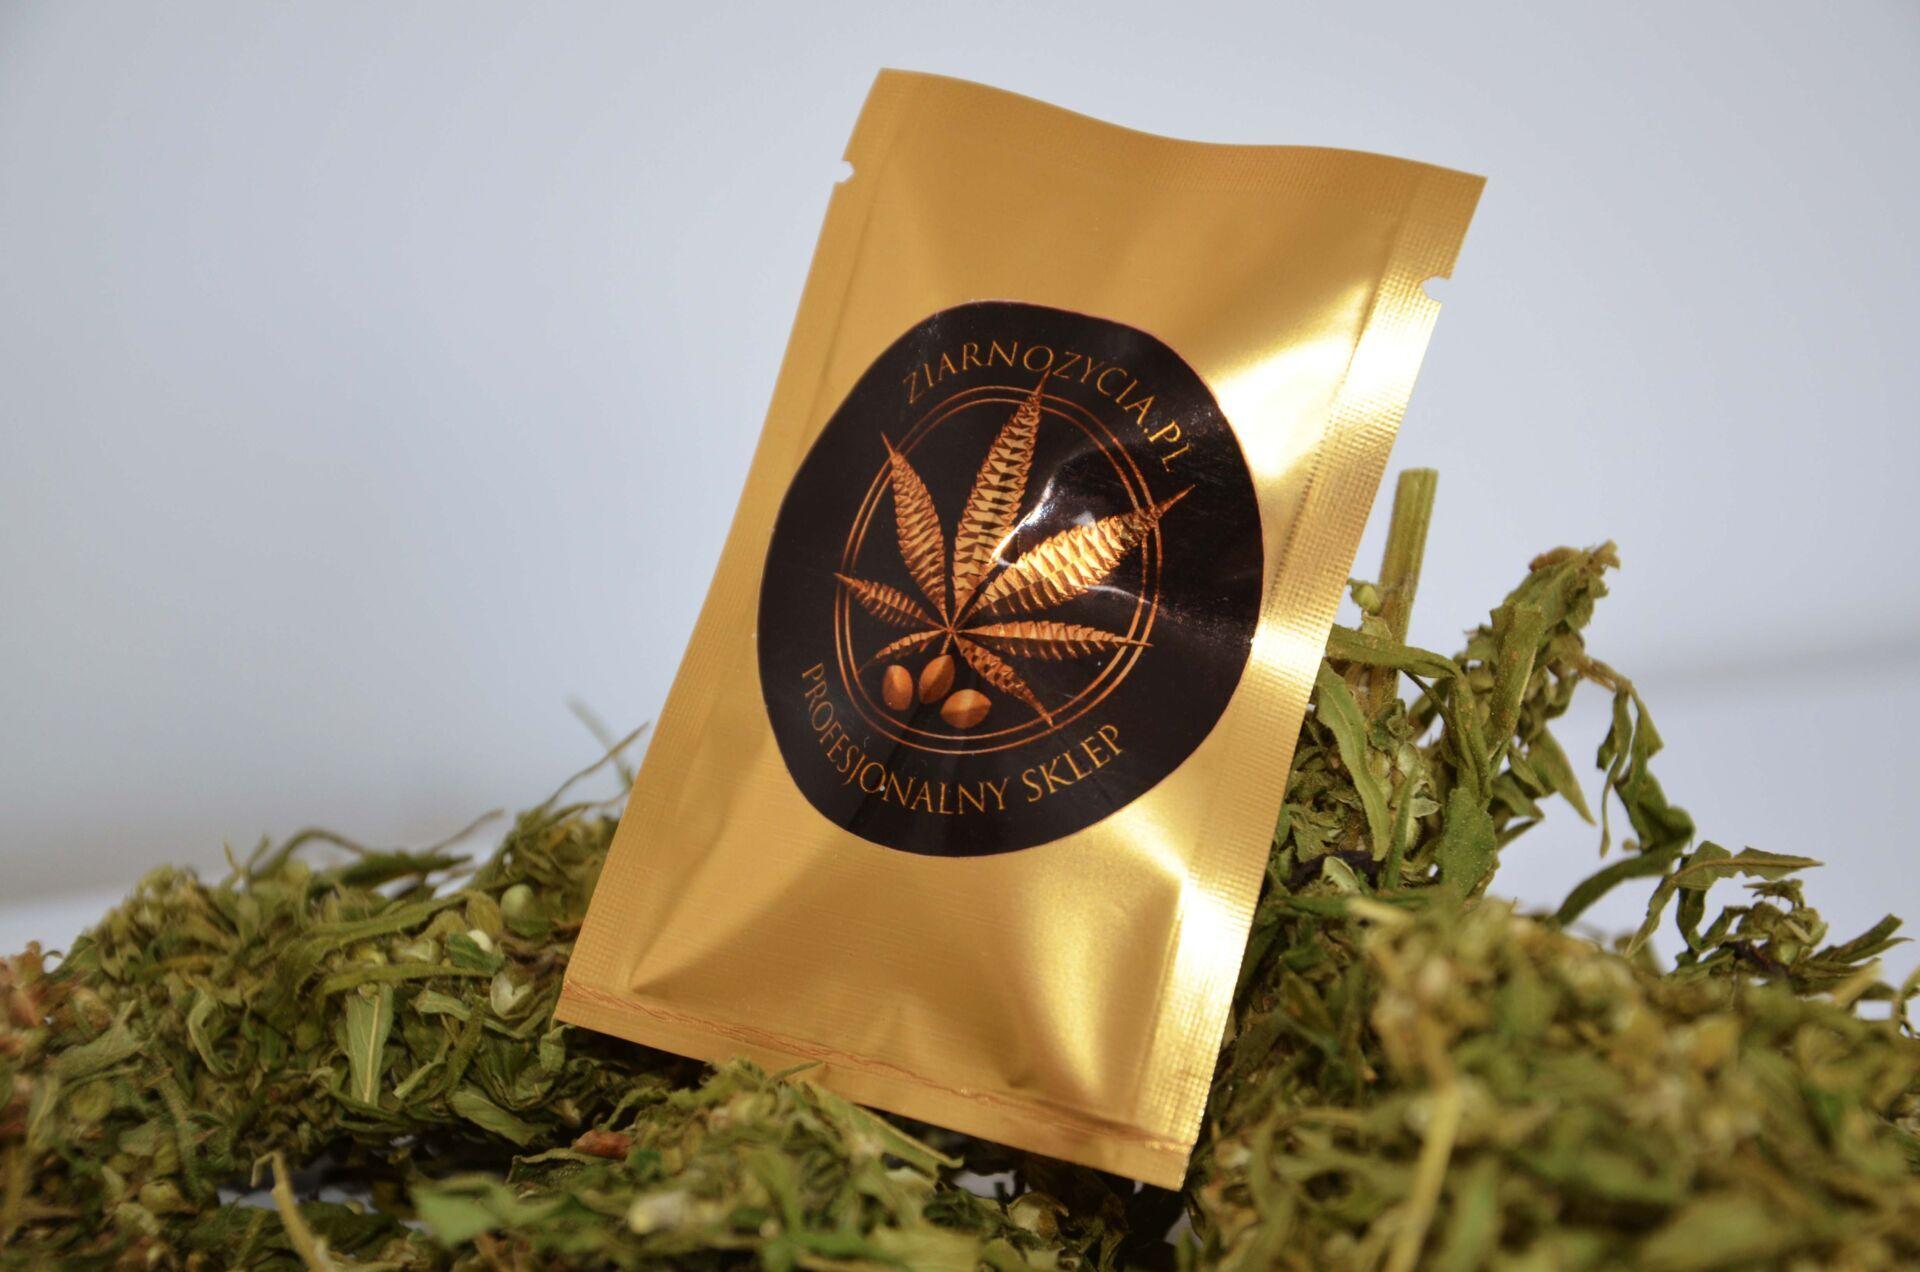 nasiona legalne marihuany ziarno życia